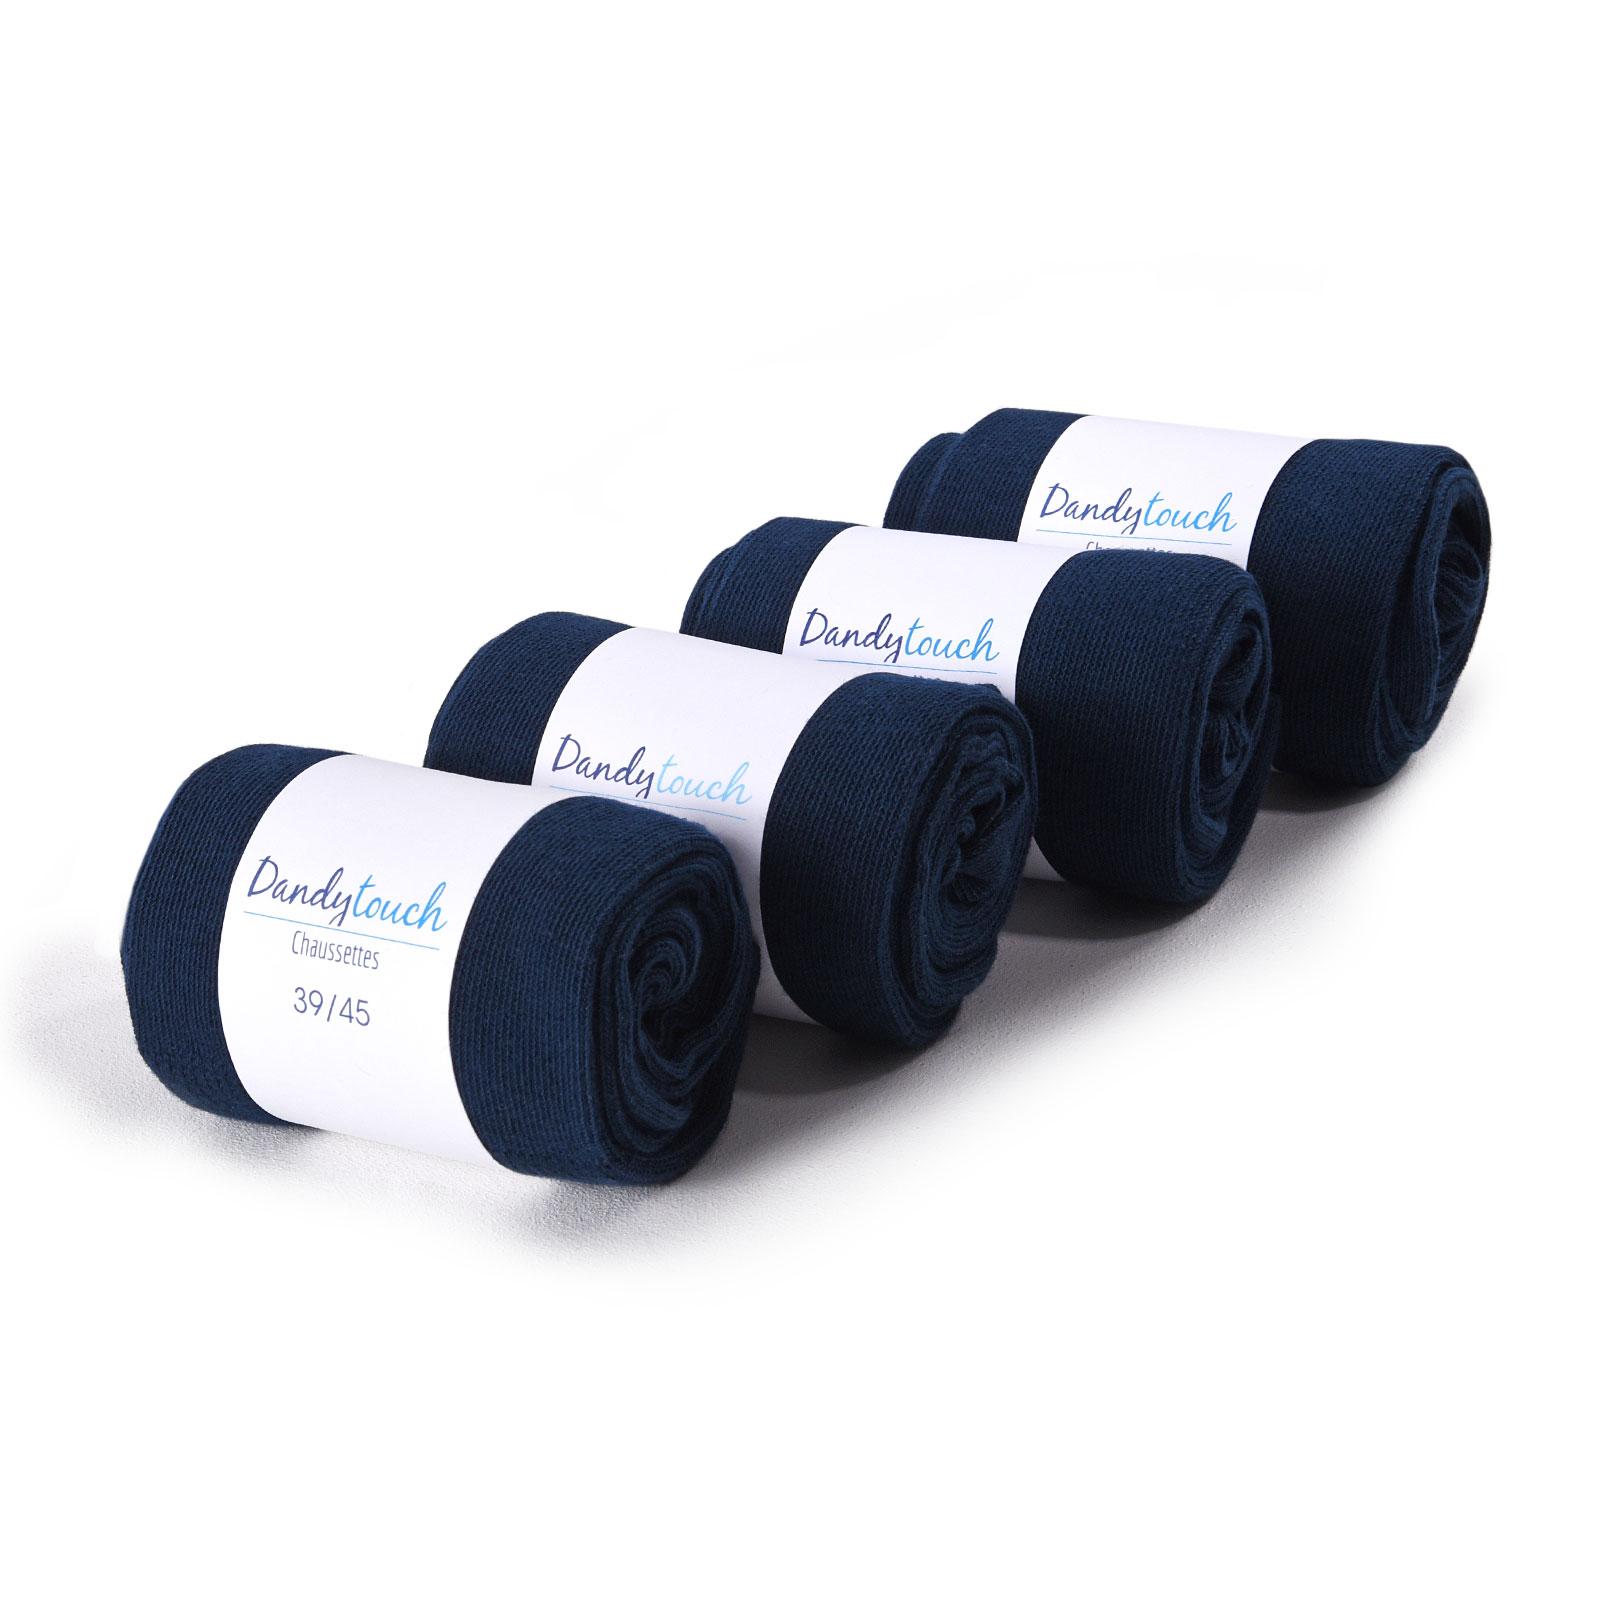 PK-00001-bleu-fonce-F16-lot-4-paires-chaussettes-bleu